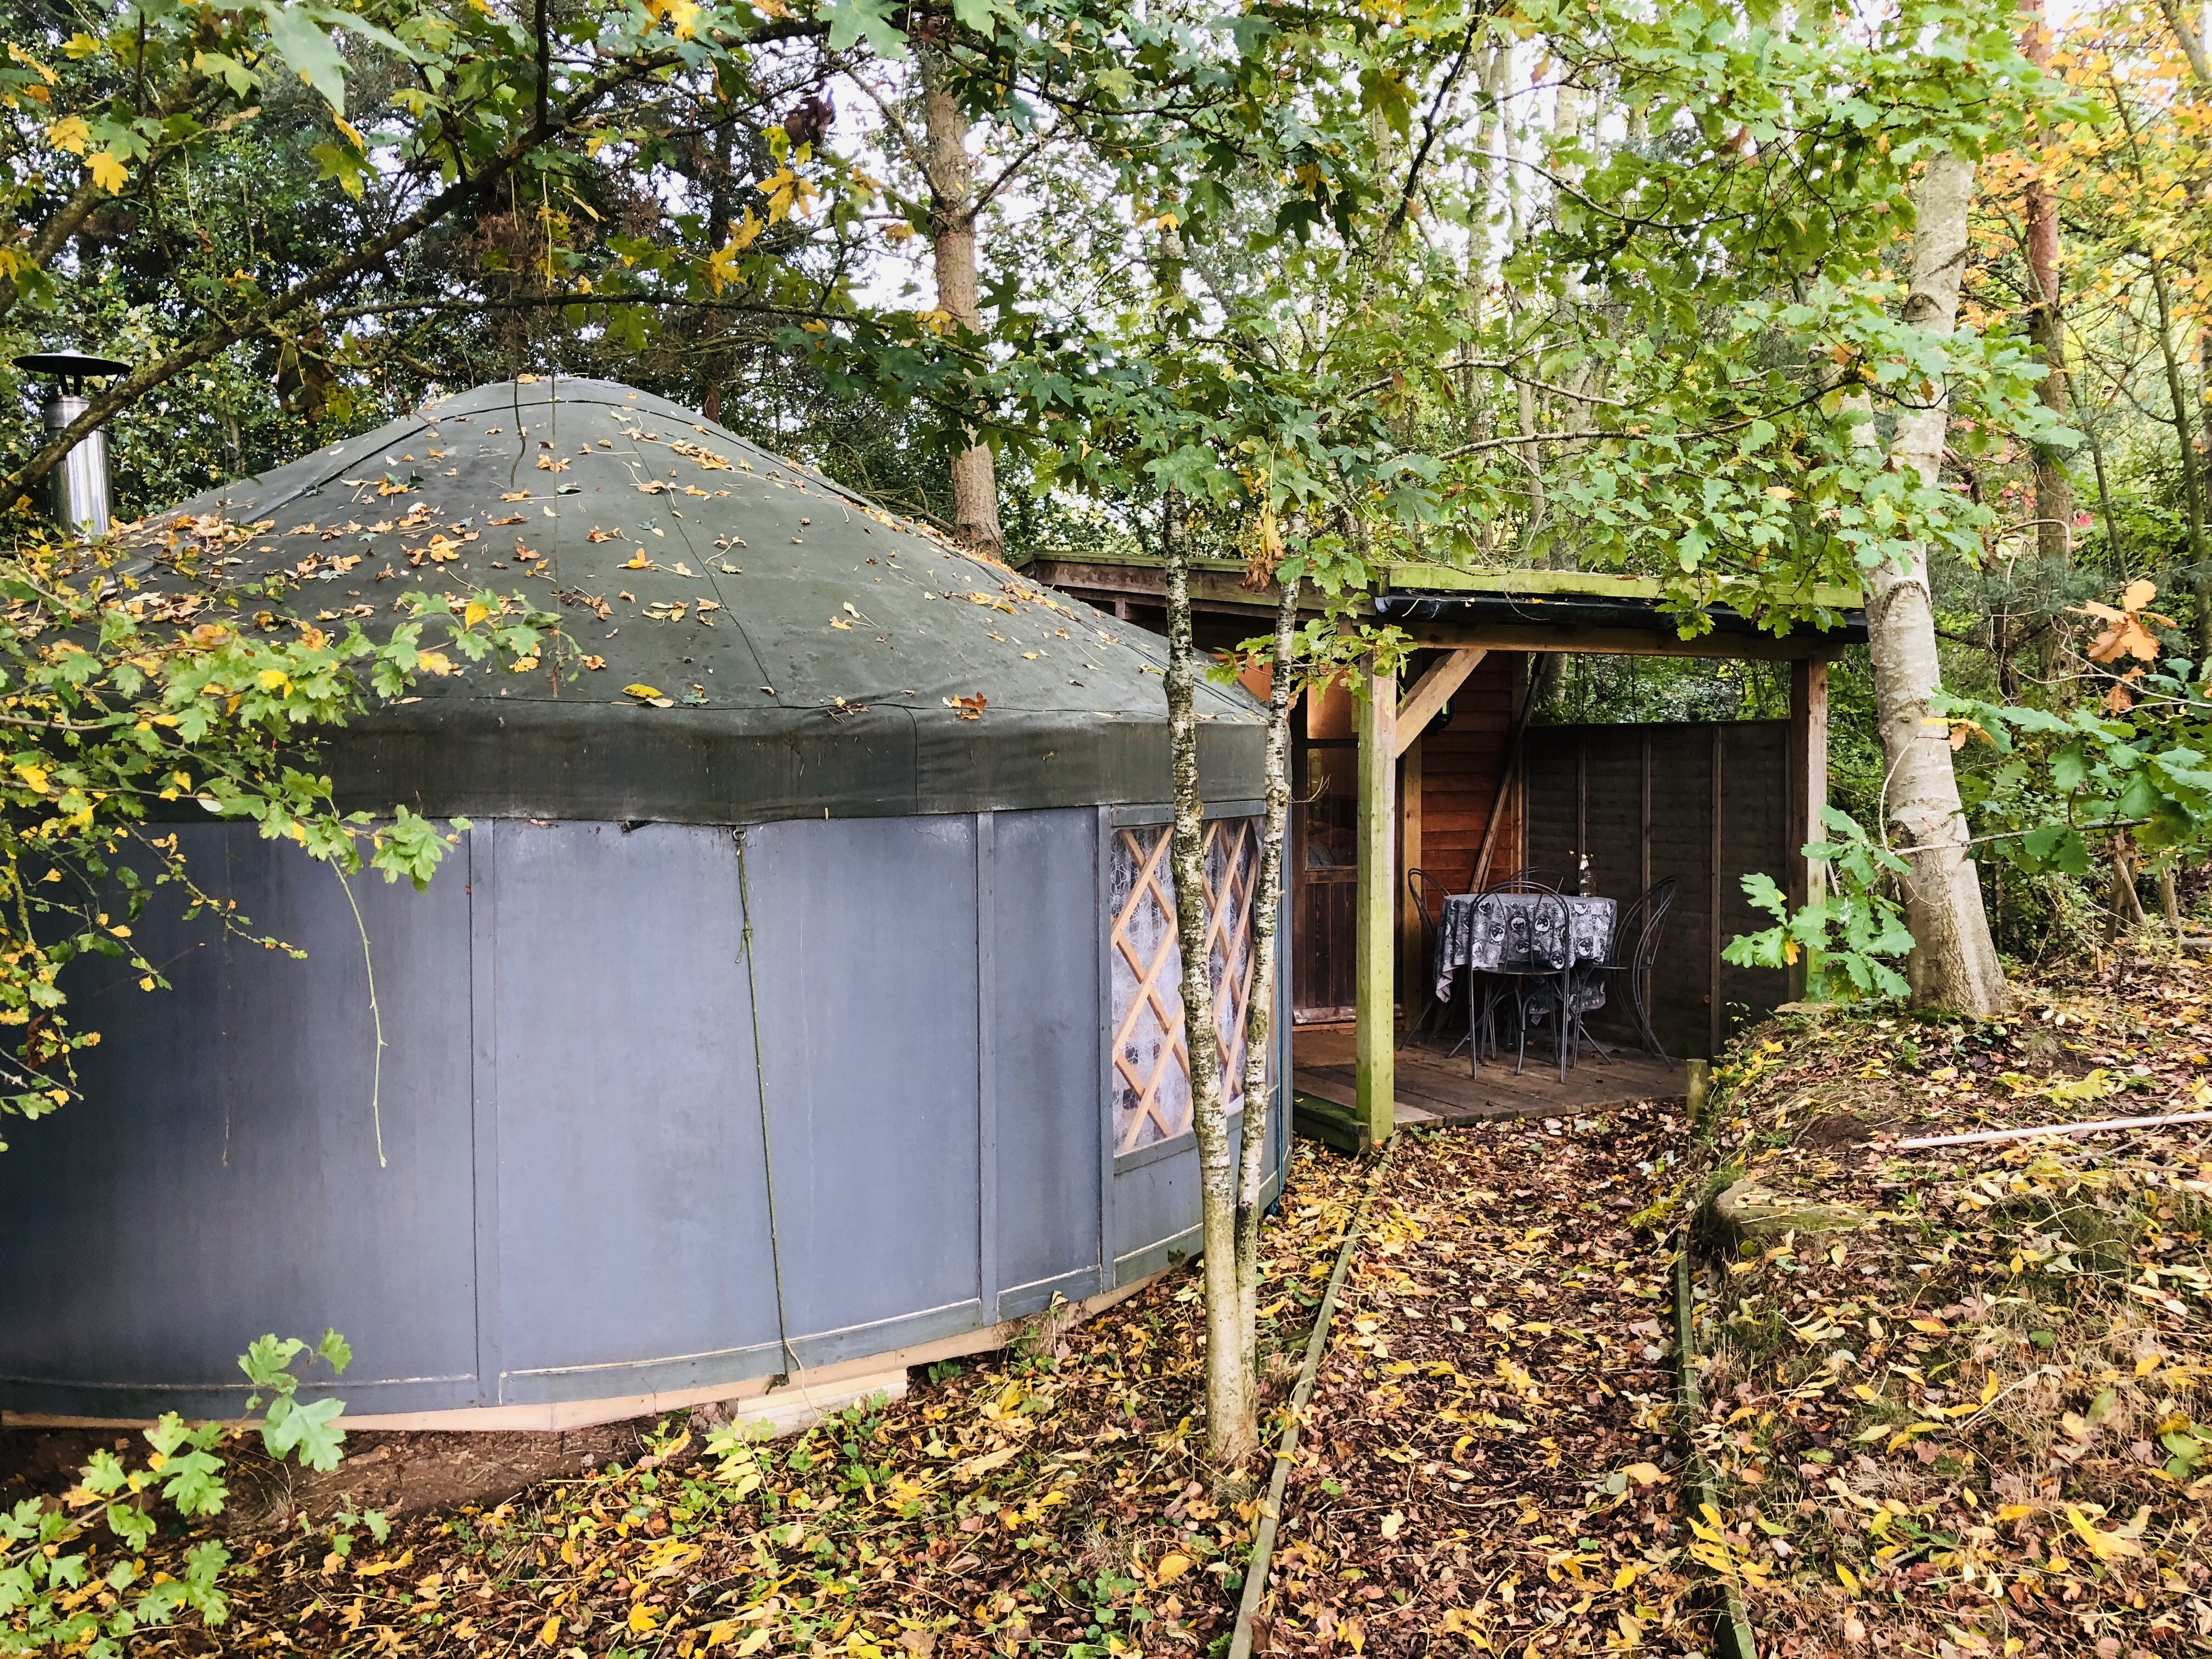 Yurt - Glamping